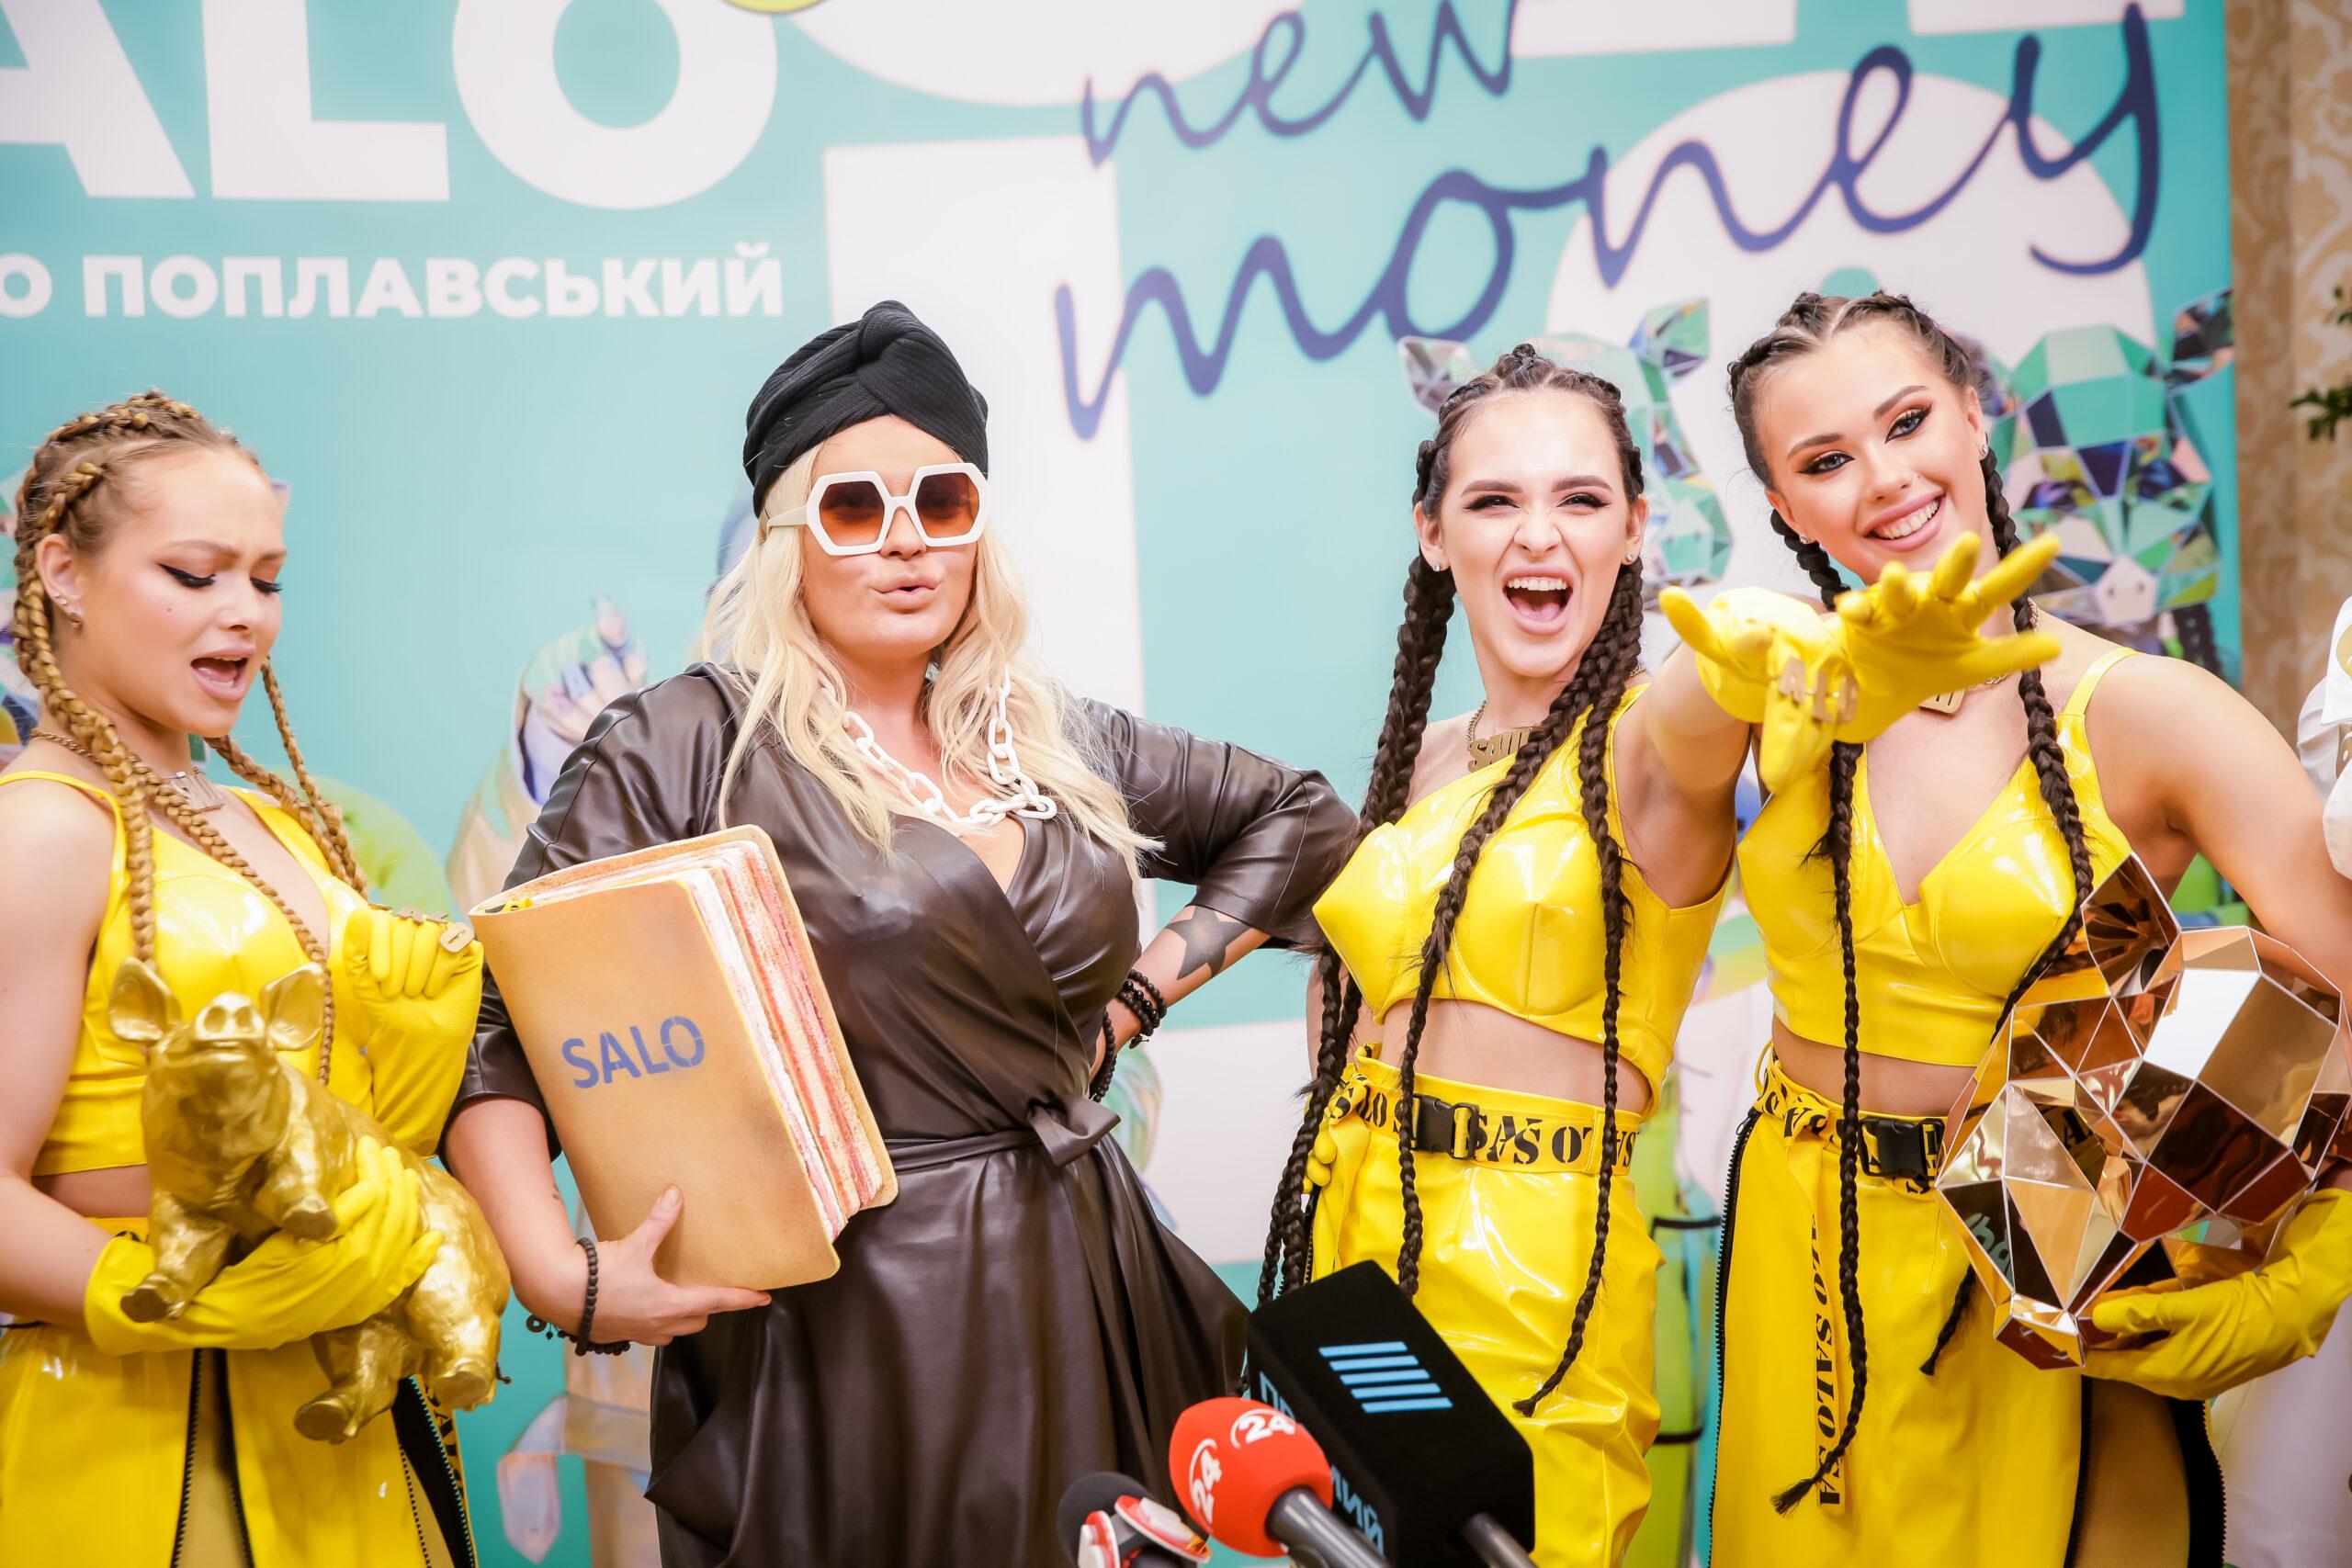 Михайло Поплавський – Сало: прем'єру кліпу дивитися онлайн